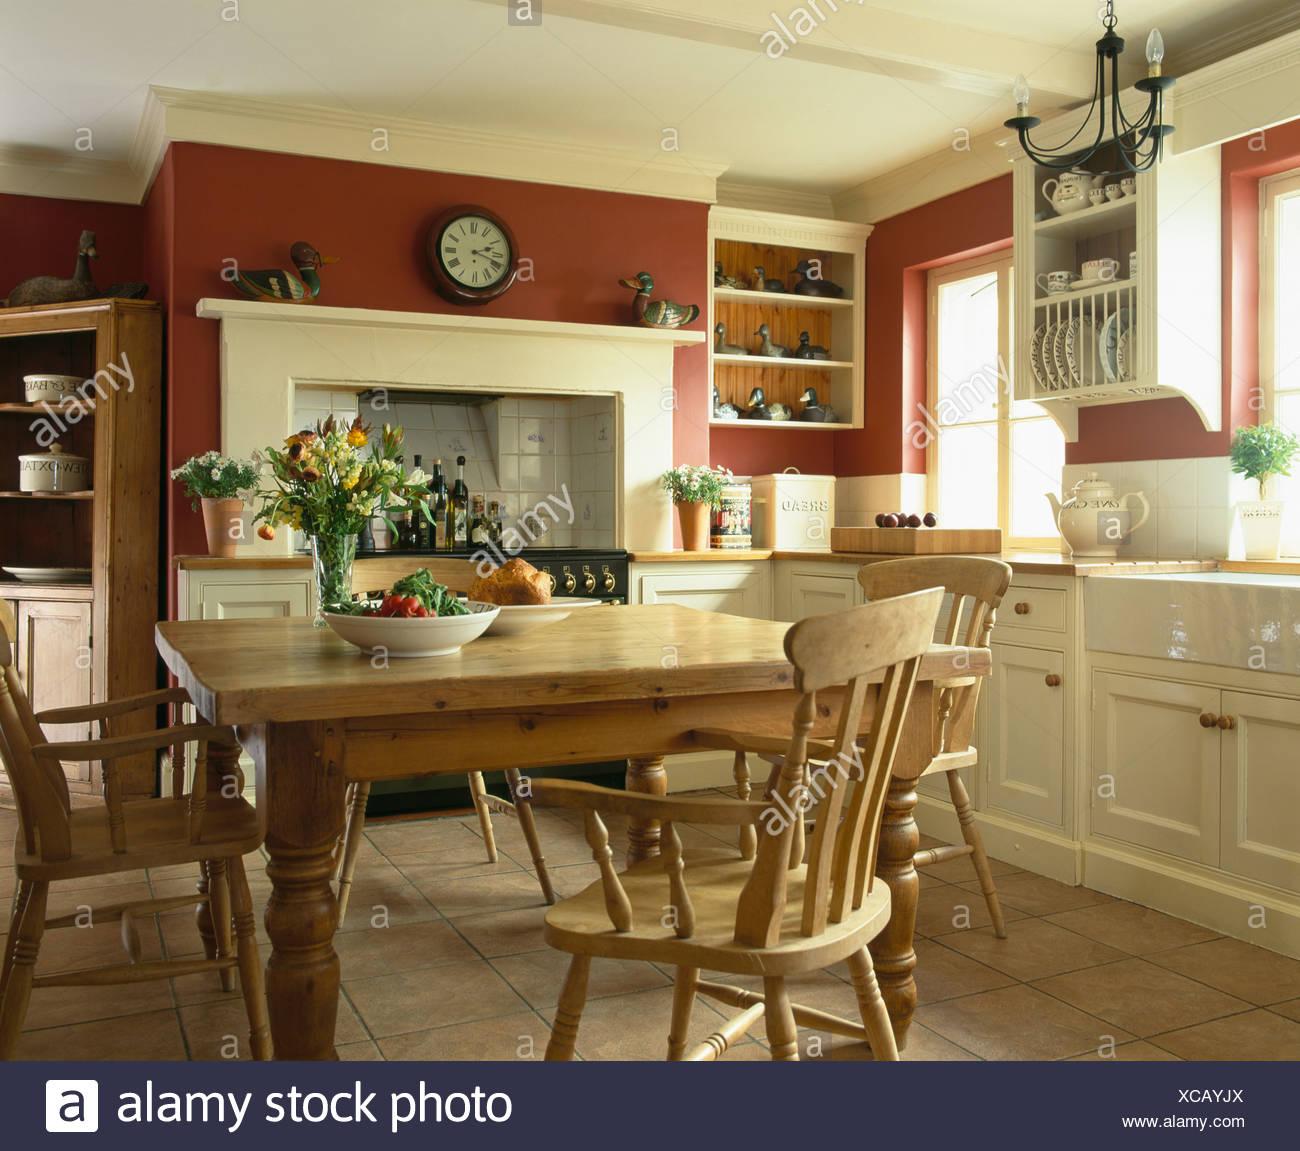 Kiefer Tisch und Stühle im traditionellen roten Bauernküche mit ...